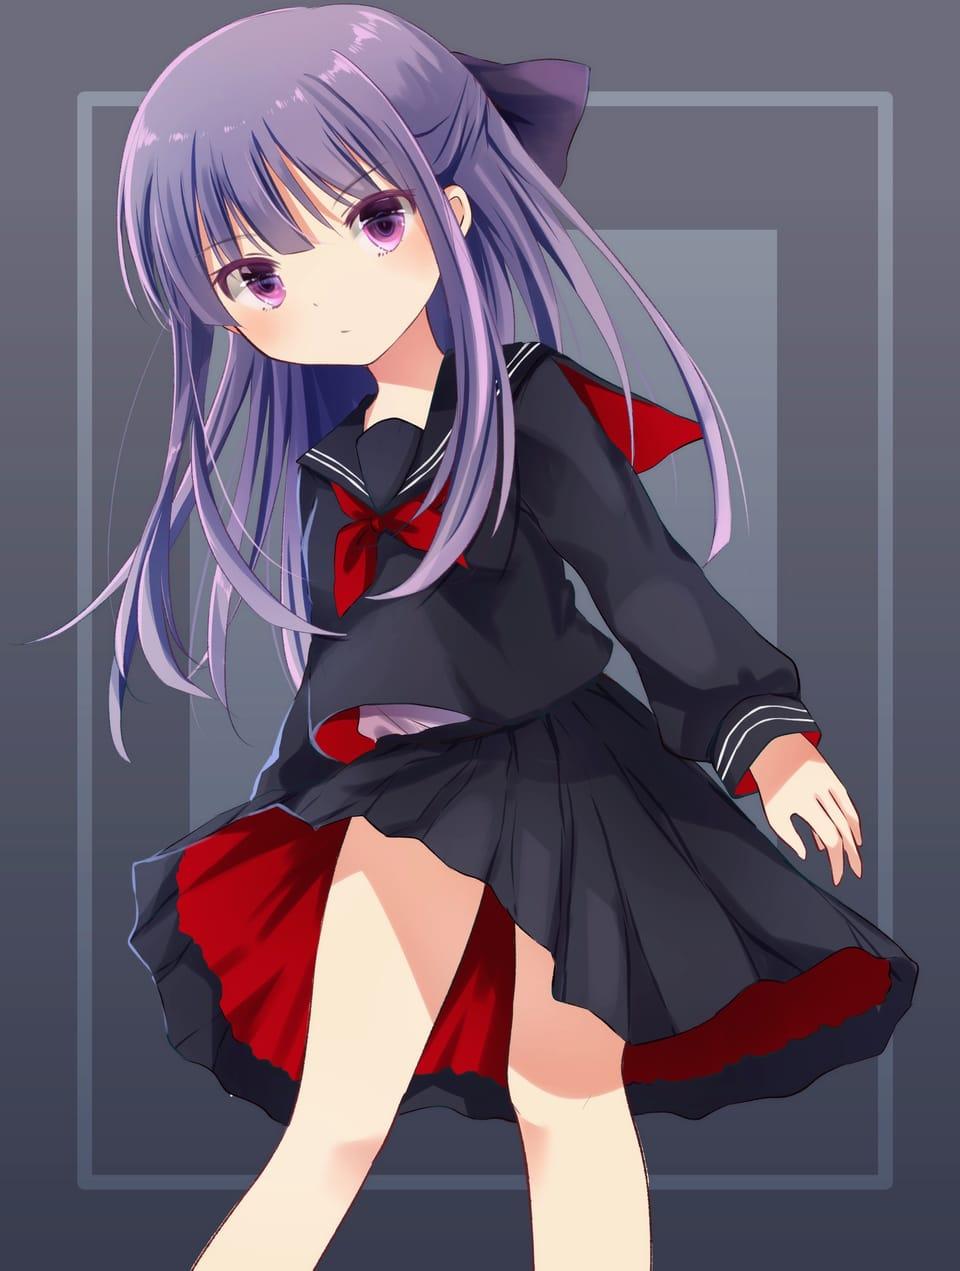 セーラー服少女 Illust of みずべのいきもの oc girl 創作少女 original sailor_uniform